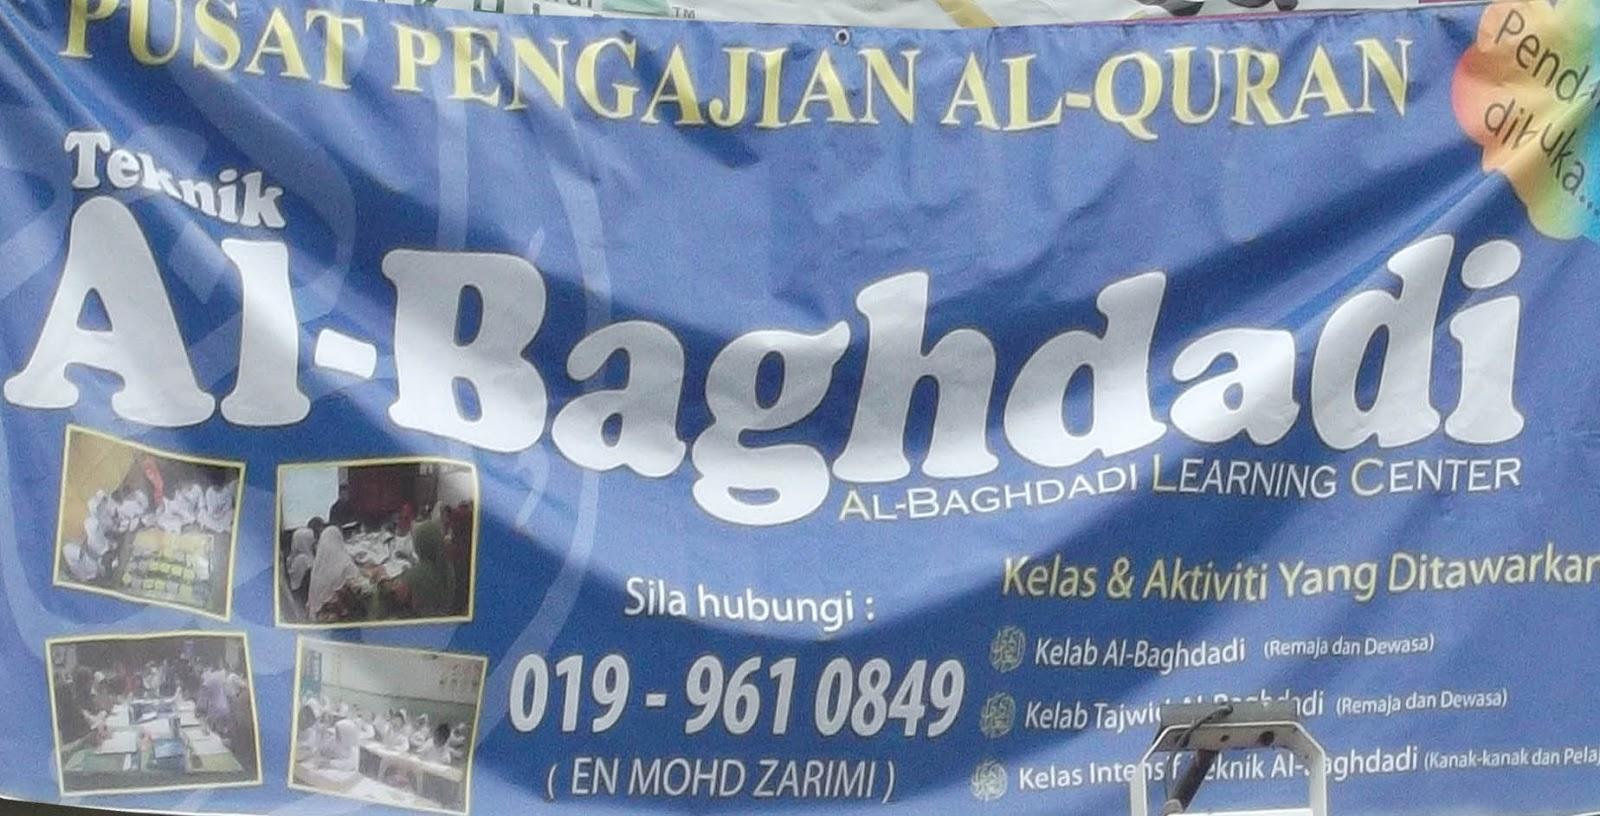 TEKNIK AL-BAGHDADI ~ Welcome! ALC Pinggiran Bt. Caves